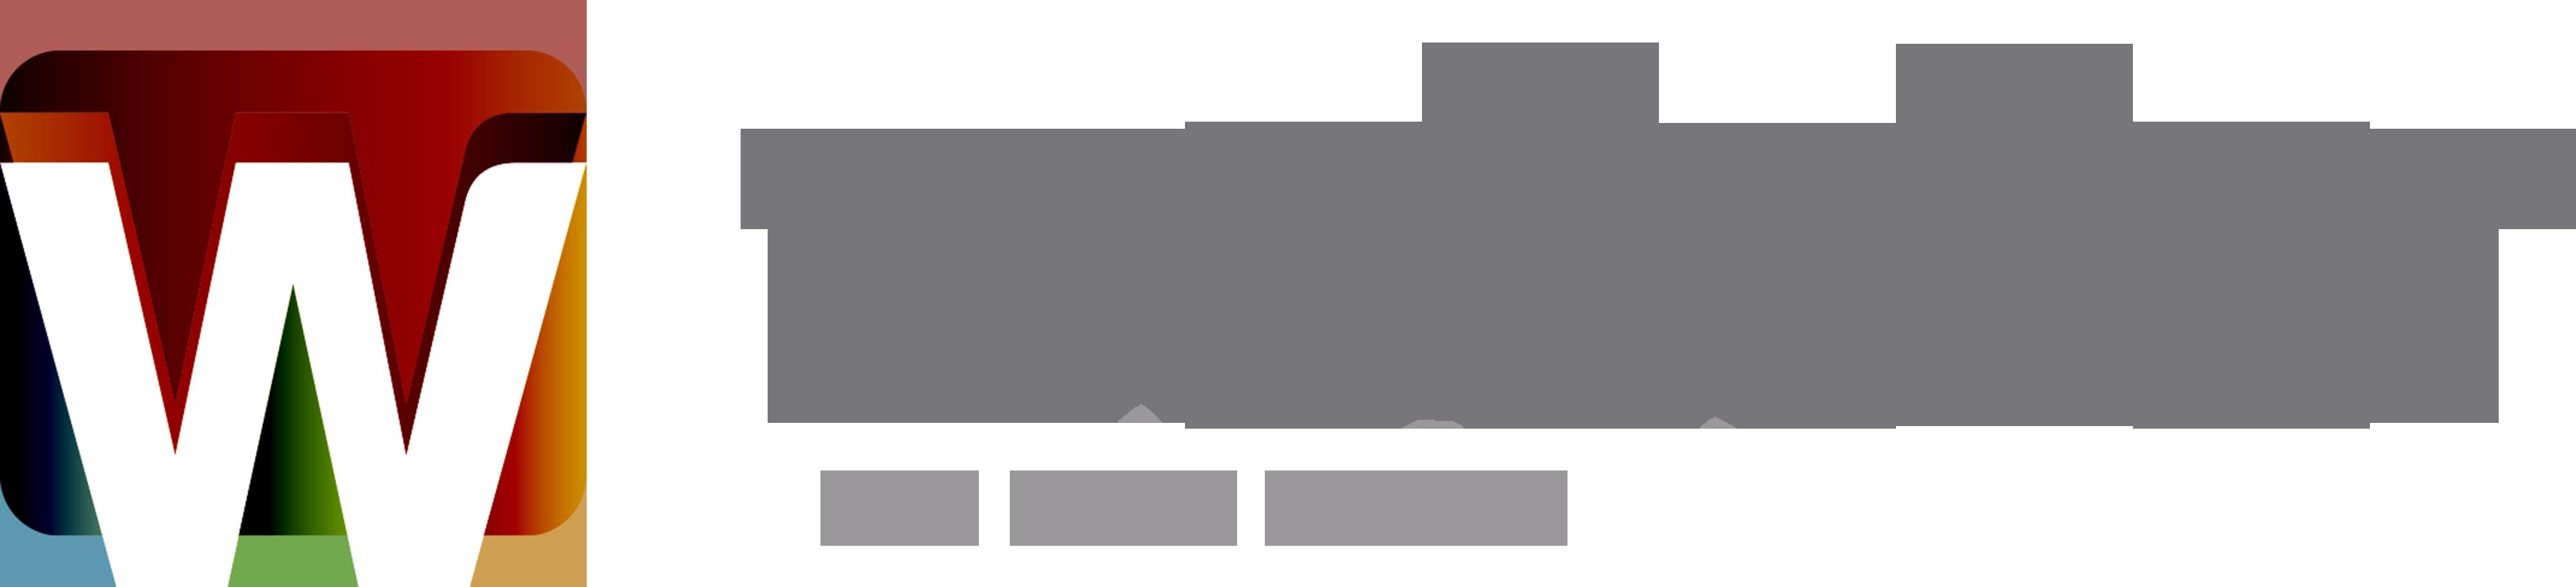 Webster solutions